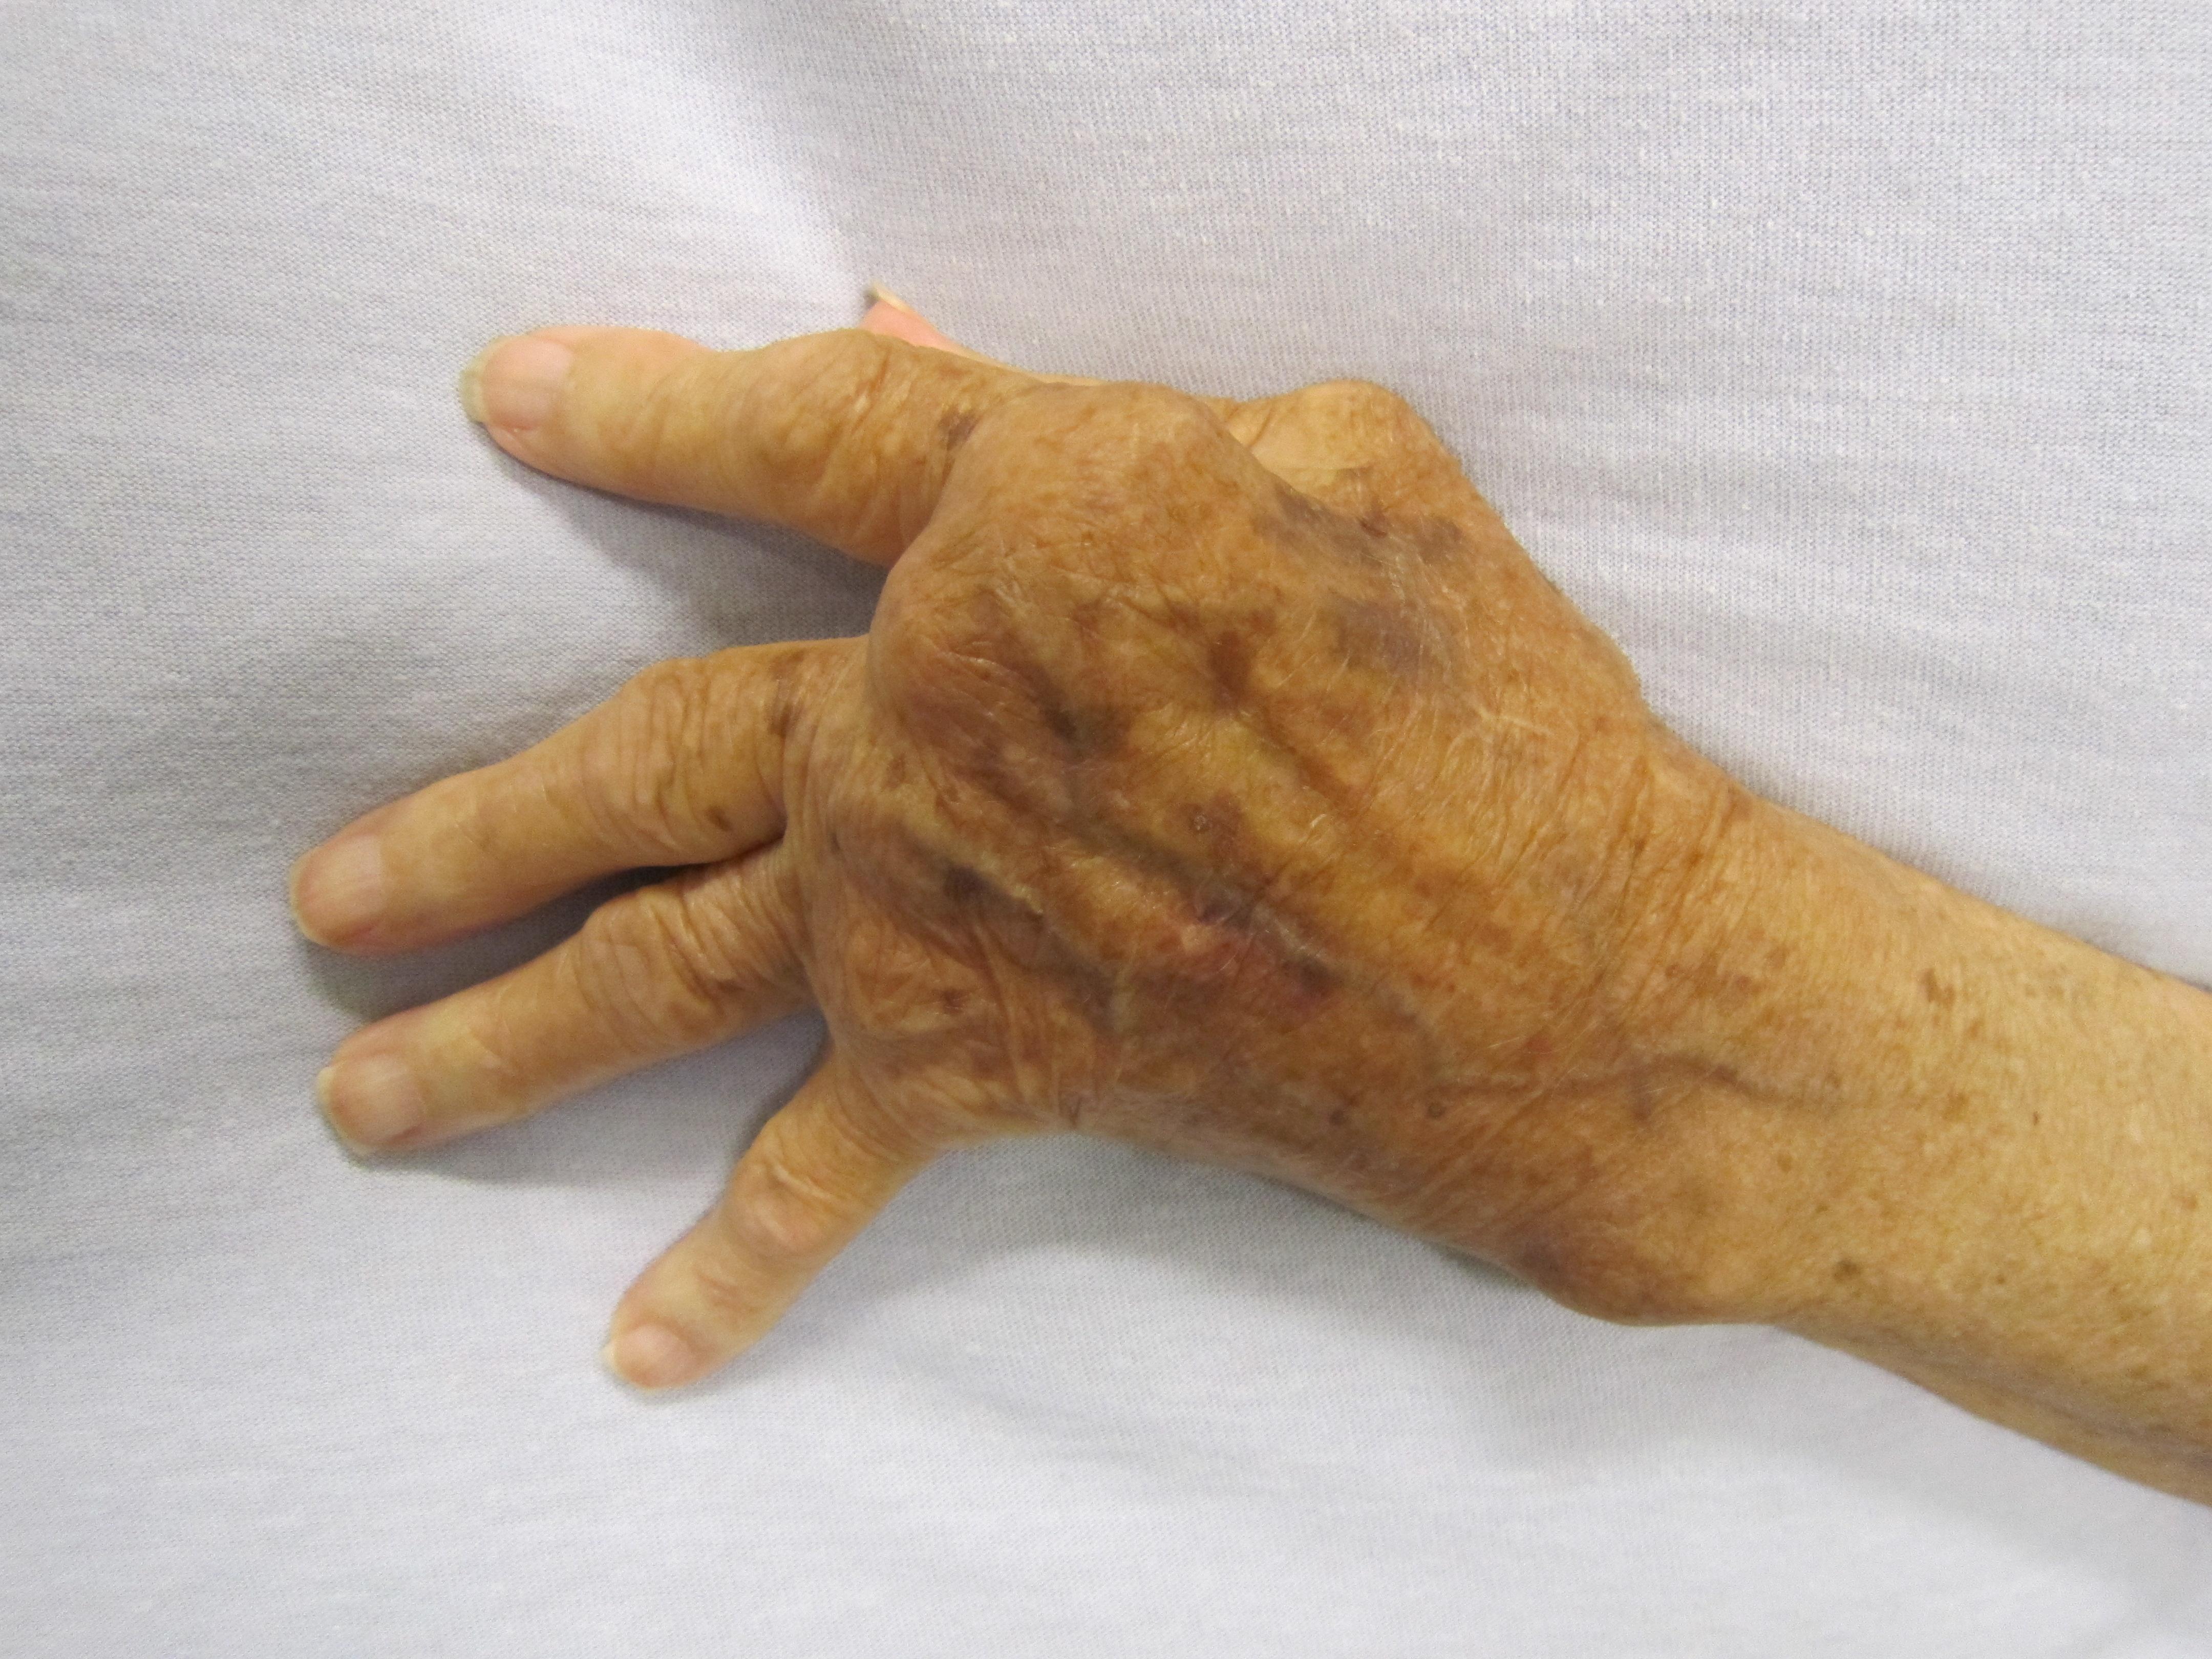 mely ízületeket a leggyakrabban a rheumatoid arthritis a kéz ízületei fájnak, amikor az ok meghajlik